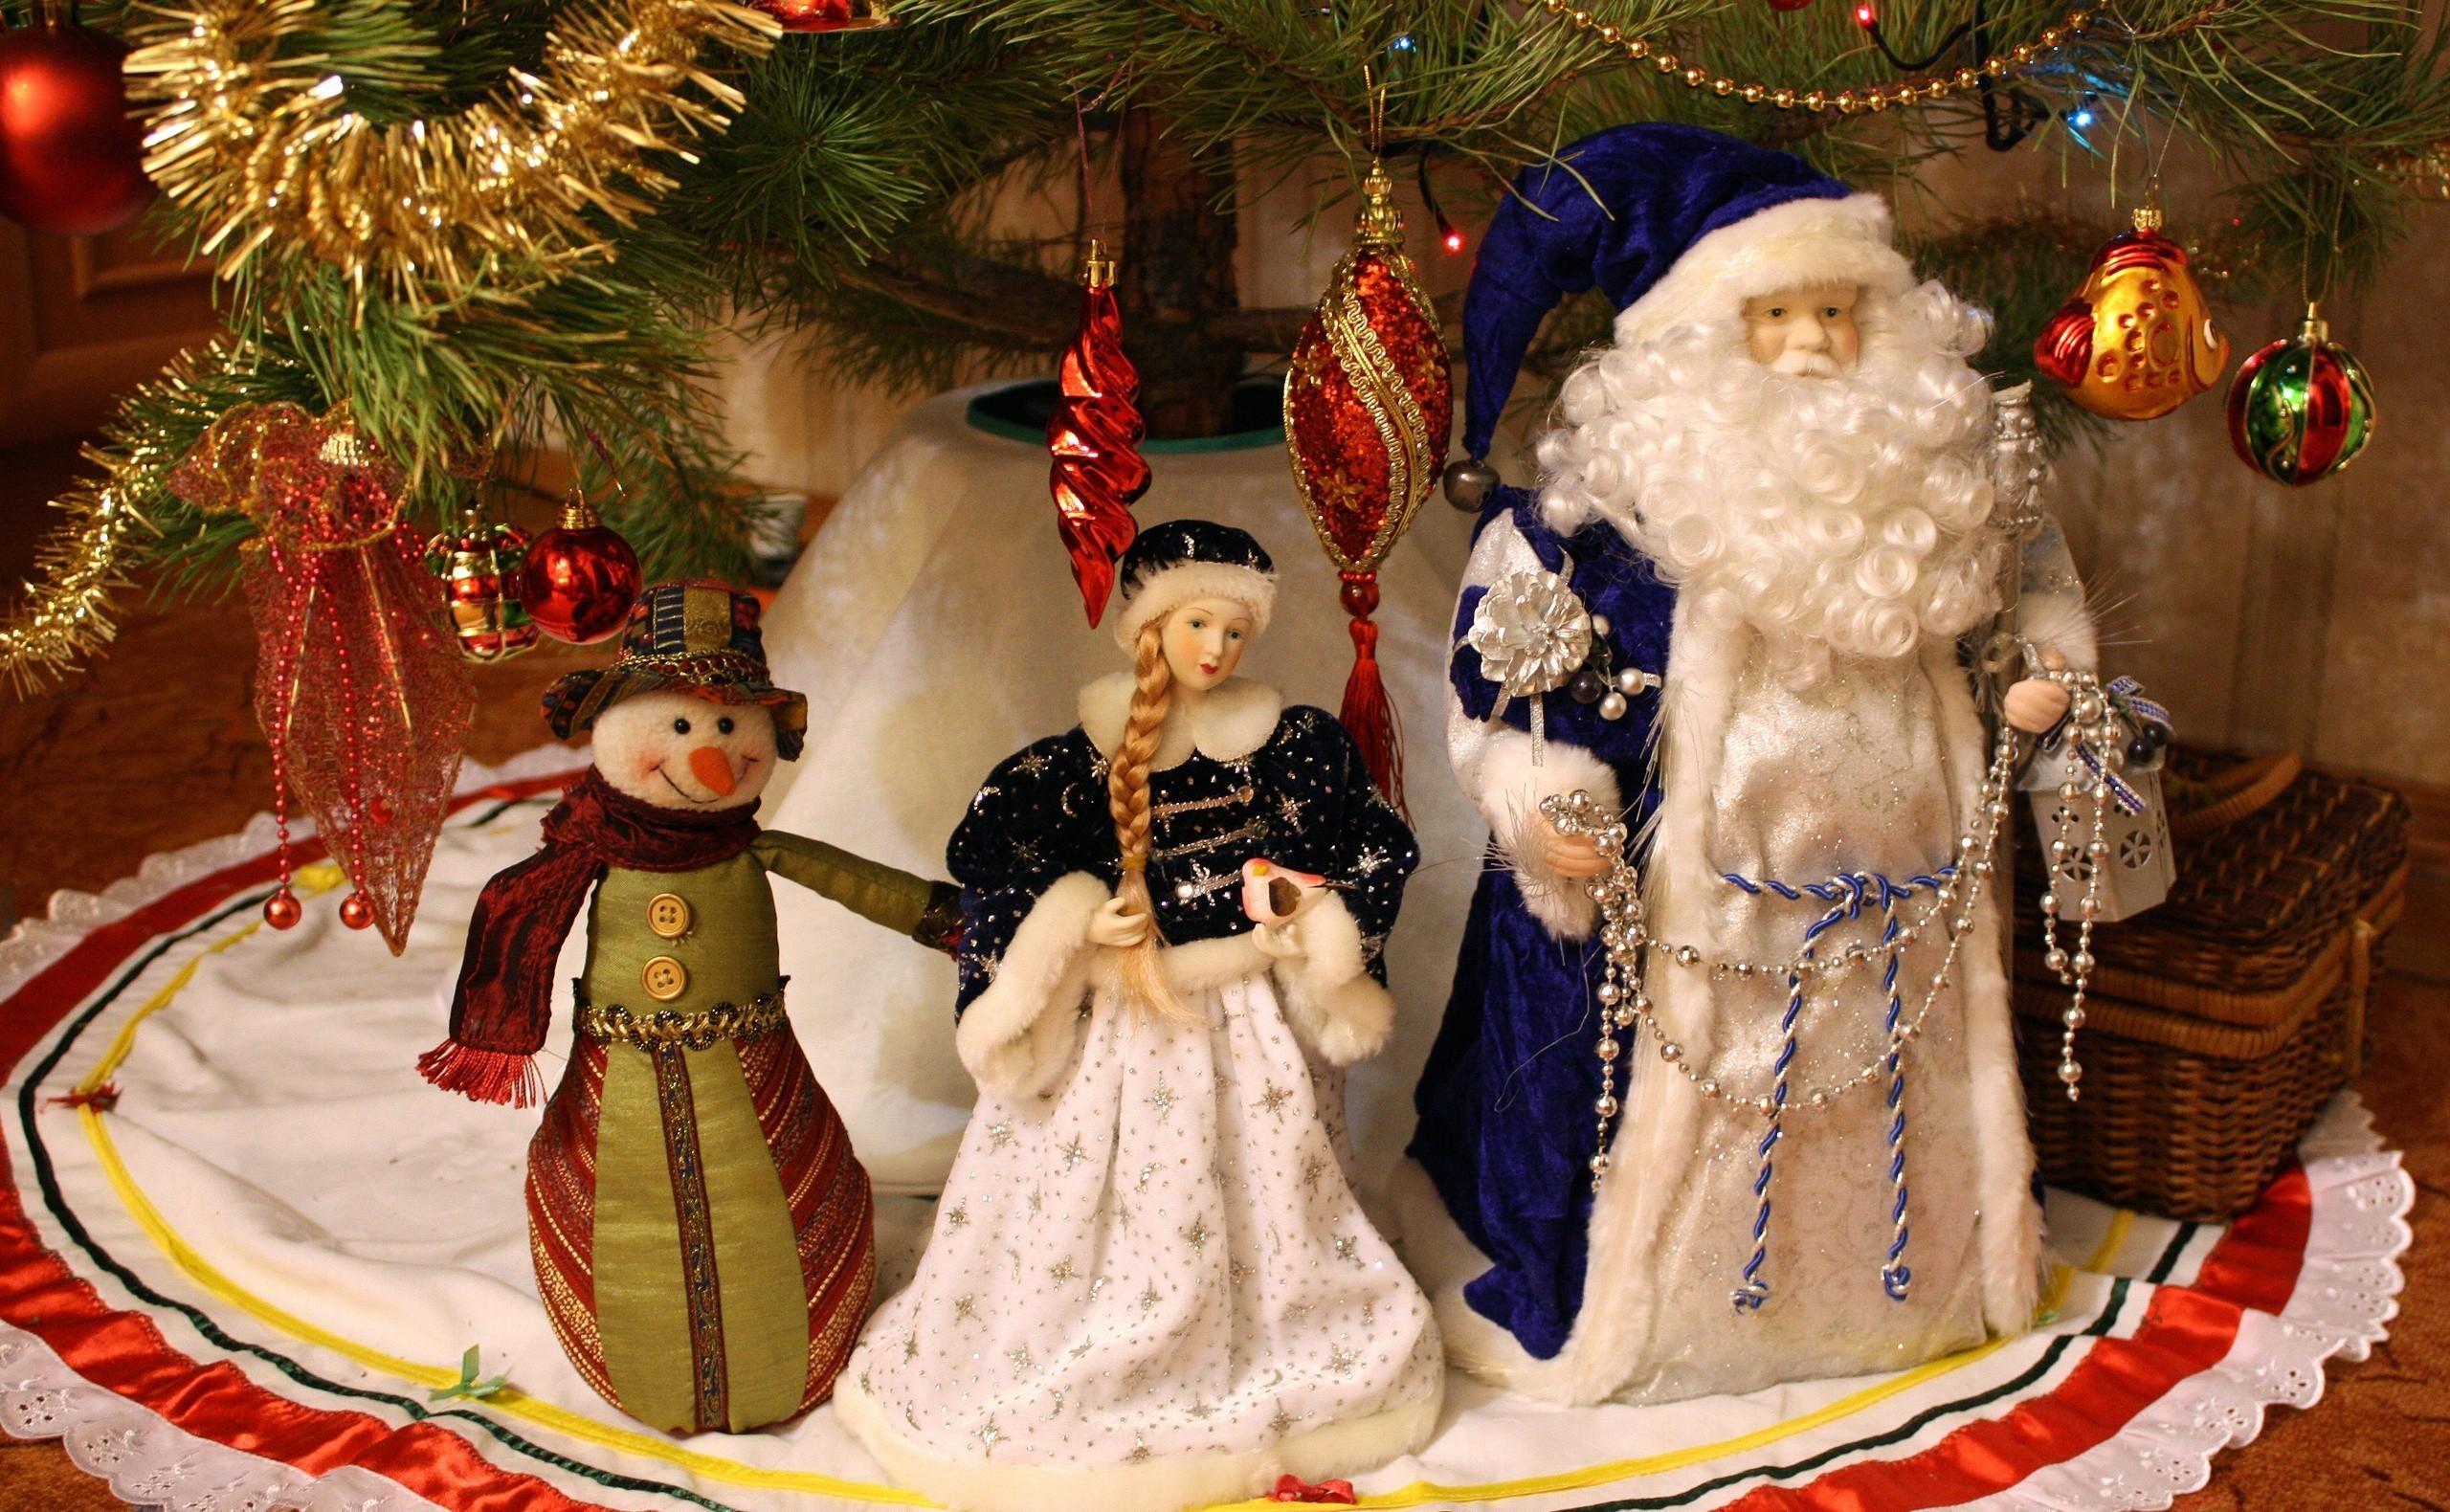 75582 Salvapantallas y fondos de pantalla Año Nuevo en tu teléfono. Descarga imágenes de Vacaciones, Jack Frost, Doncella De La Nieve, Doncella De Nieve, Monigote De Nieve, Muñeco De Nieve, Decoraciones De Navidad, Juguetes De Árbol De Navidad, Árbol De Navidad, Año Nuevo gratis